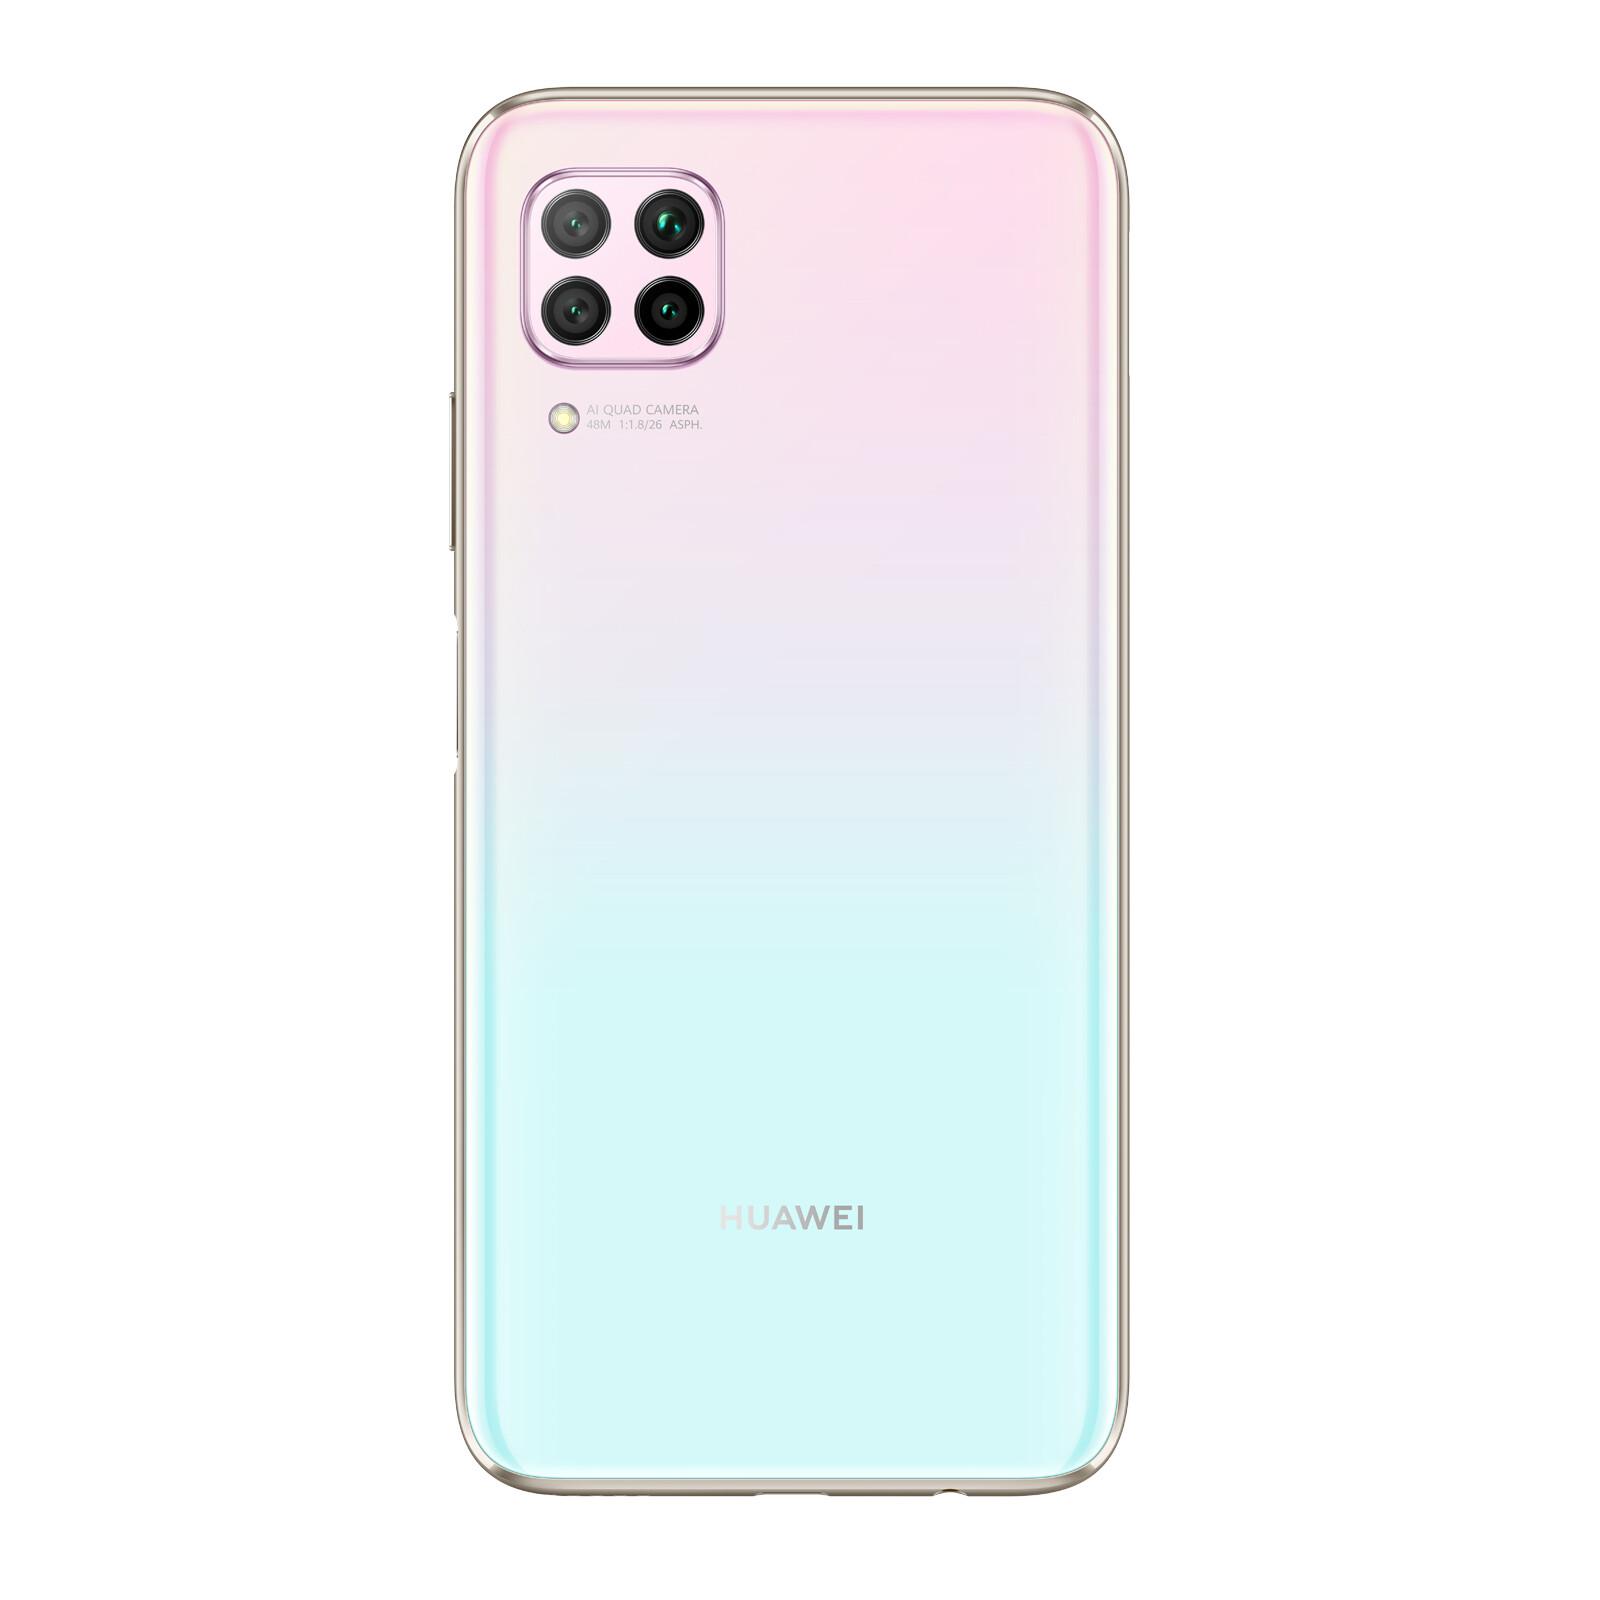 Huawei P40 lite 128GB sakura pink Dual-SIM